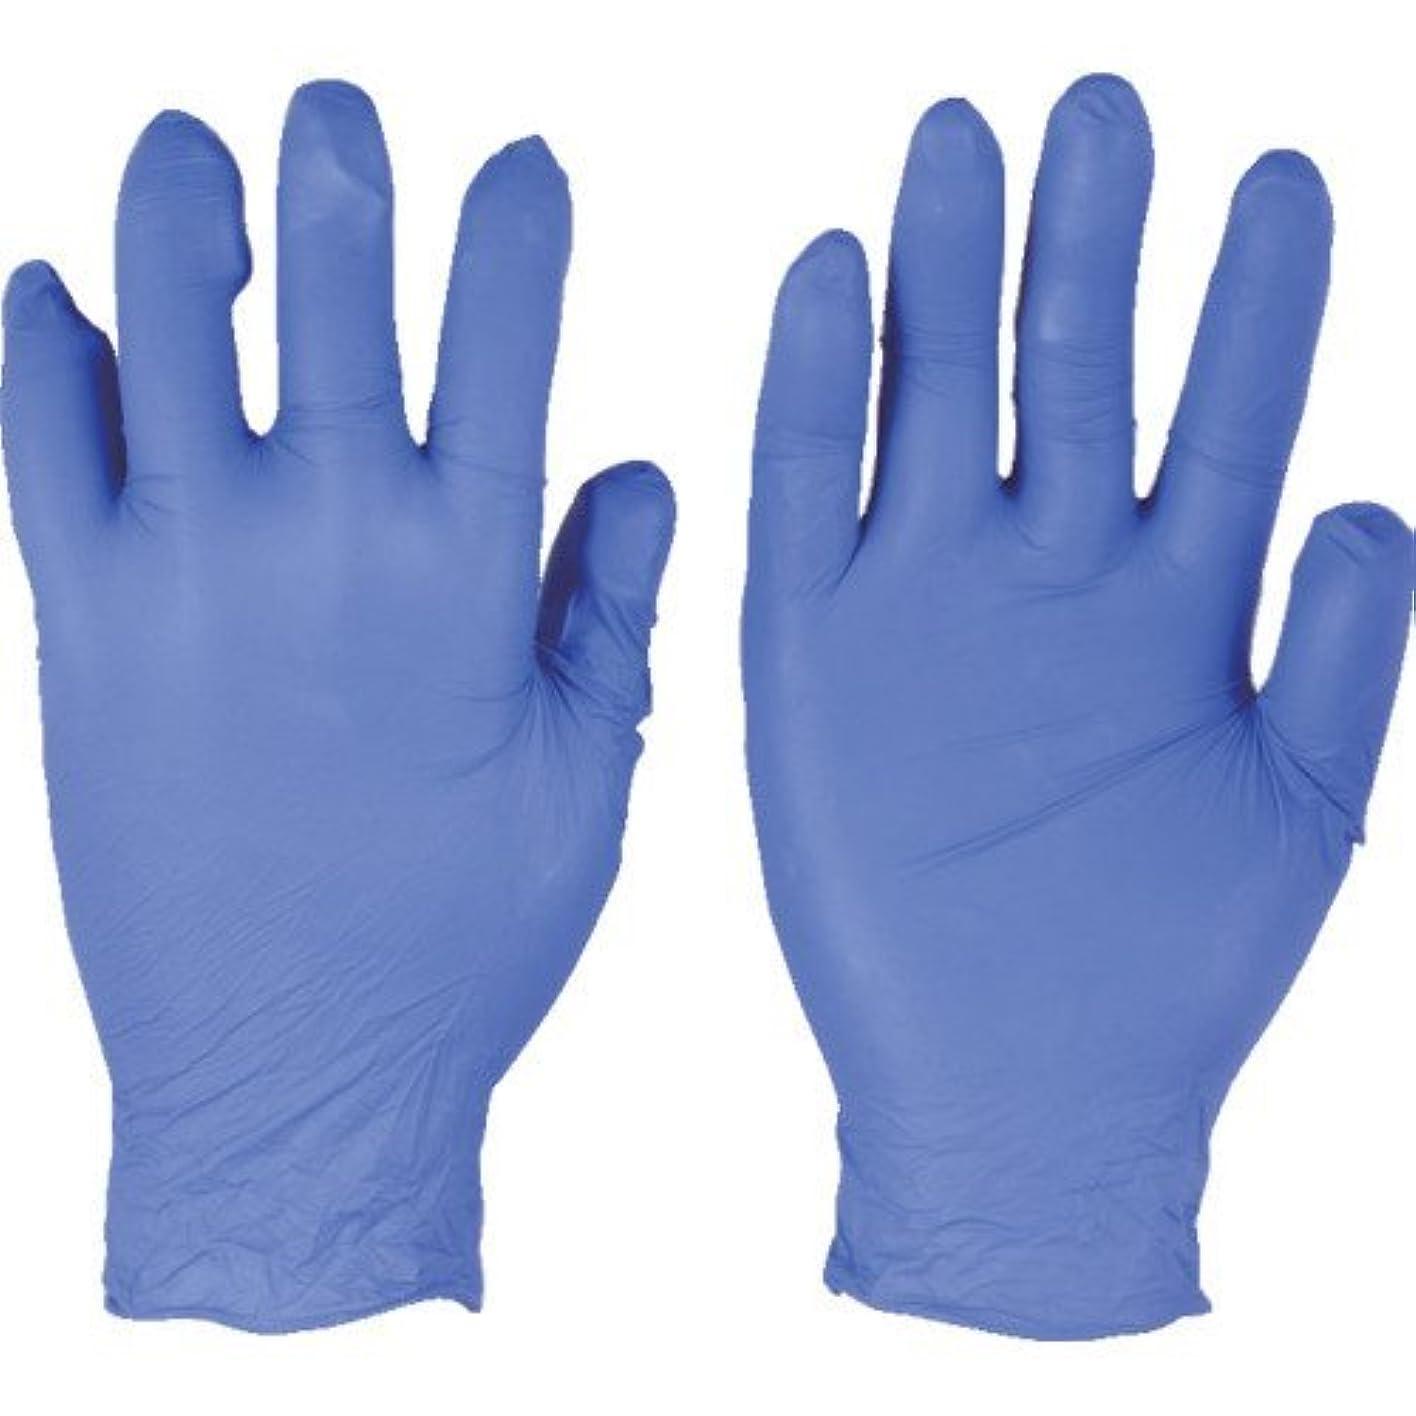 トラスコ中山 アンセル ニトリルゴム使い捨て手袋 エッジ 82-133 Lサイズ(300枚入り)  (300枚入) 821339